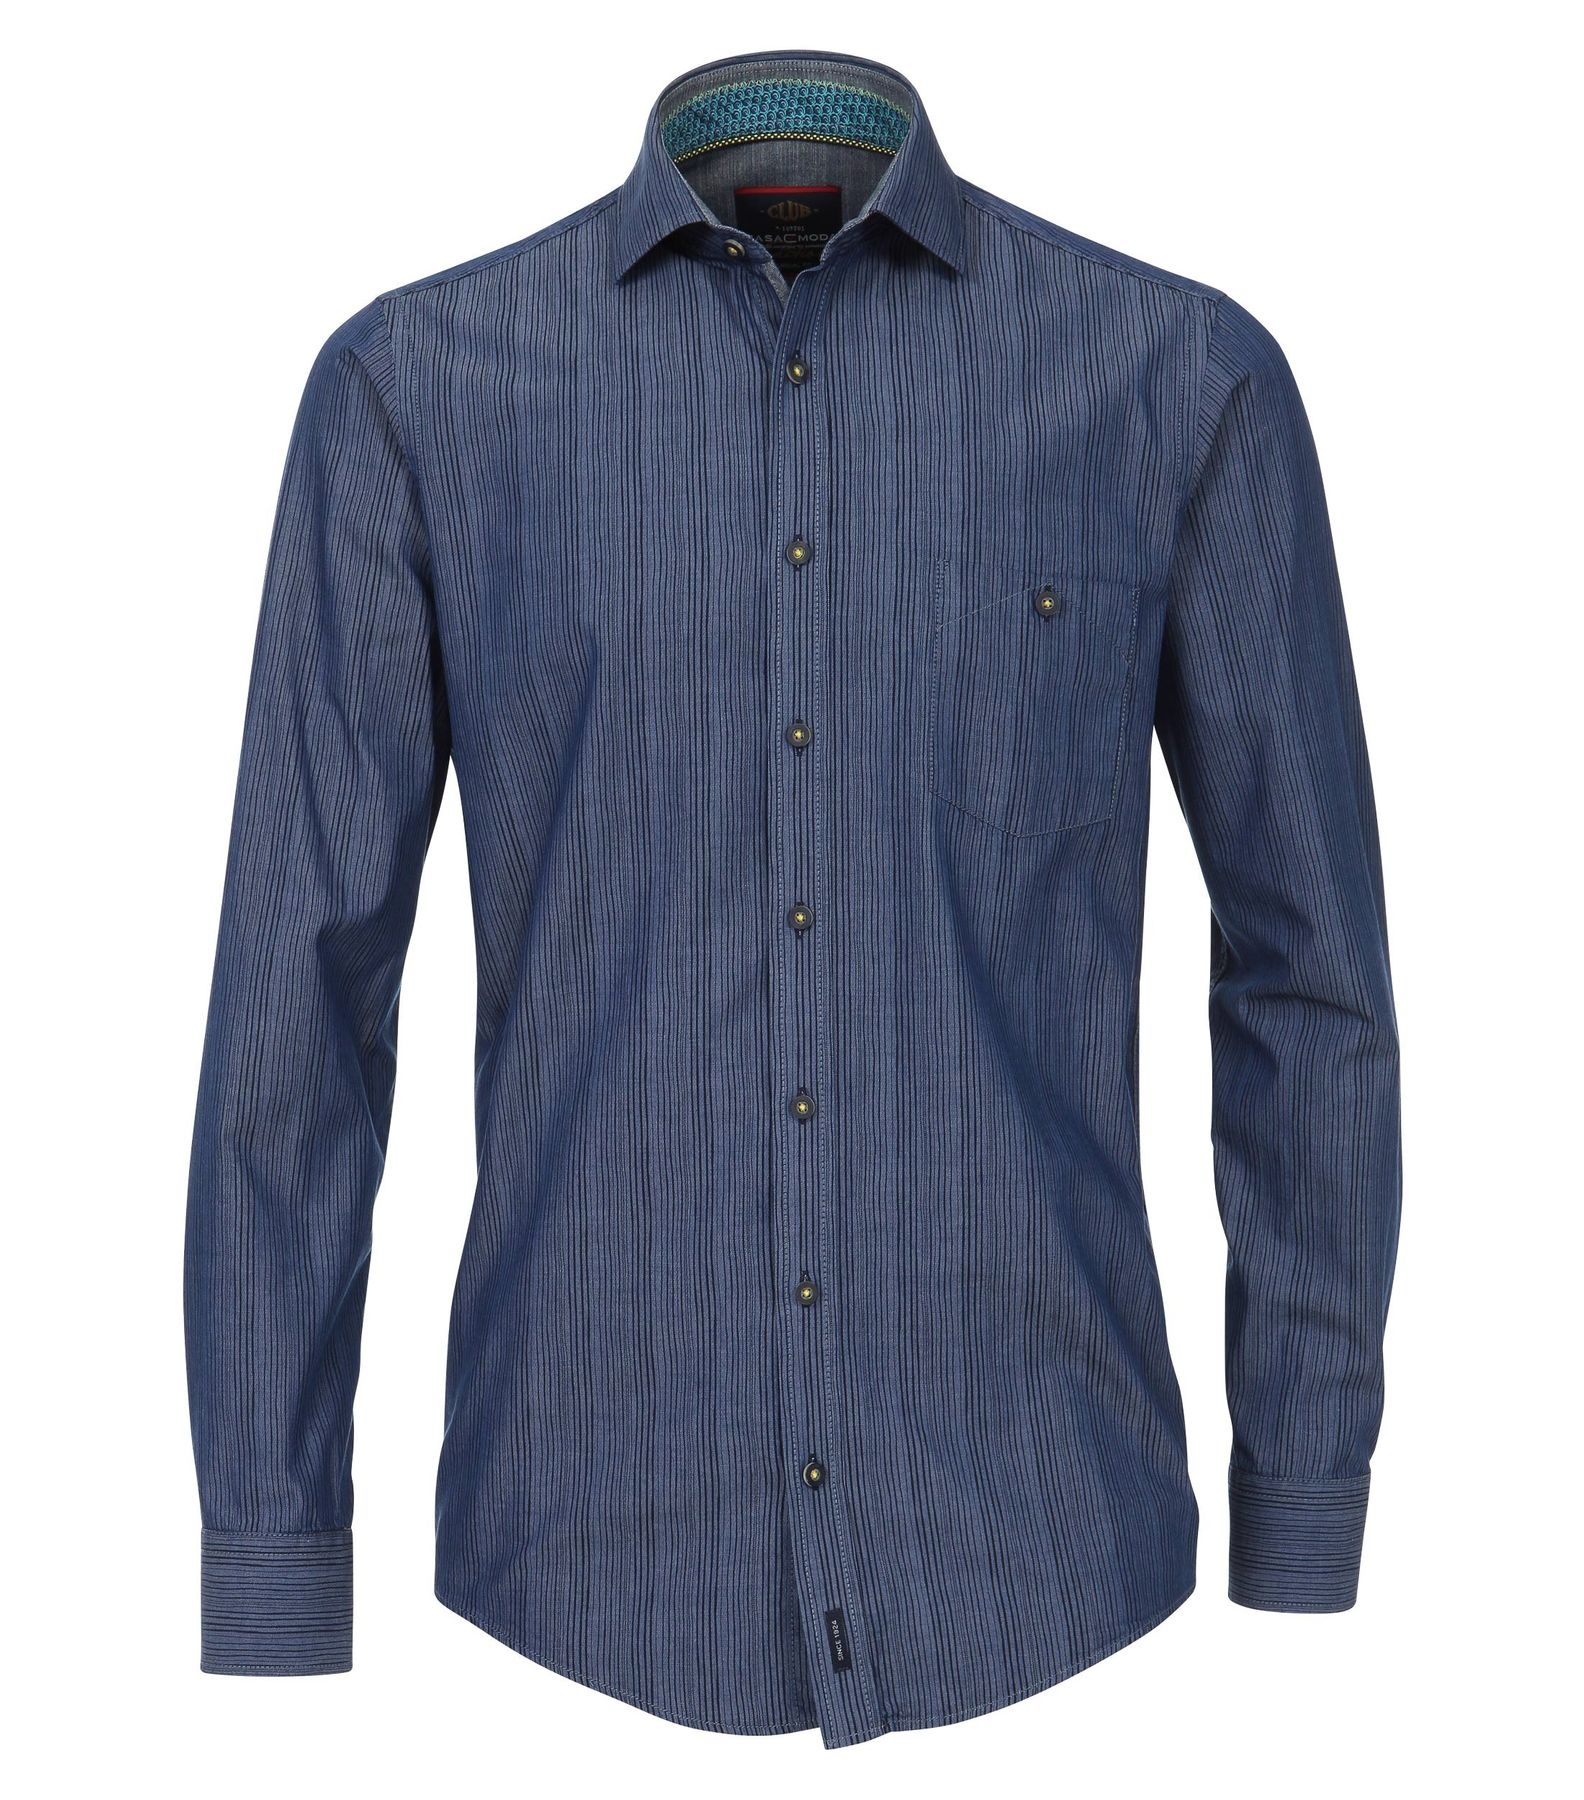 Casa Moda - Casual Fit - Herren Hemd mit modischem Druck mit Kent-Kragen in blau (482896800)